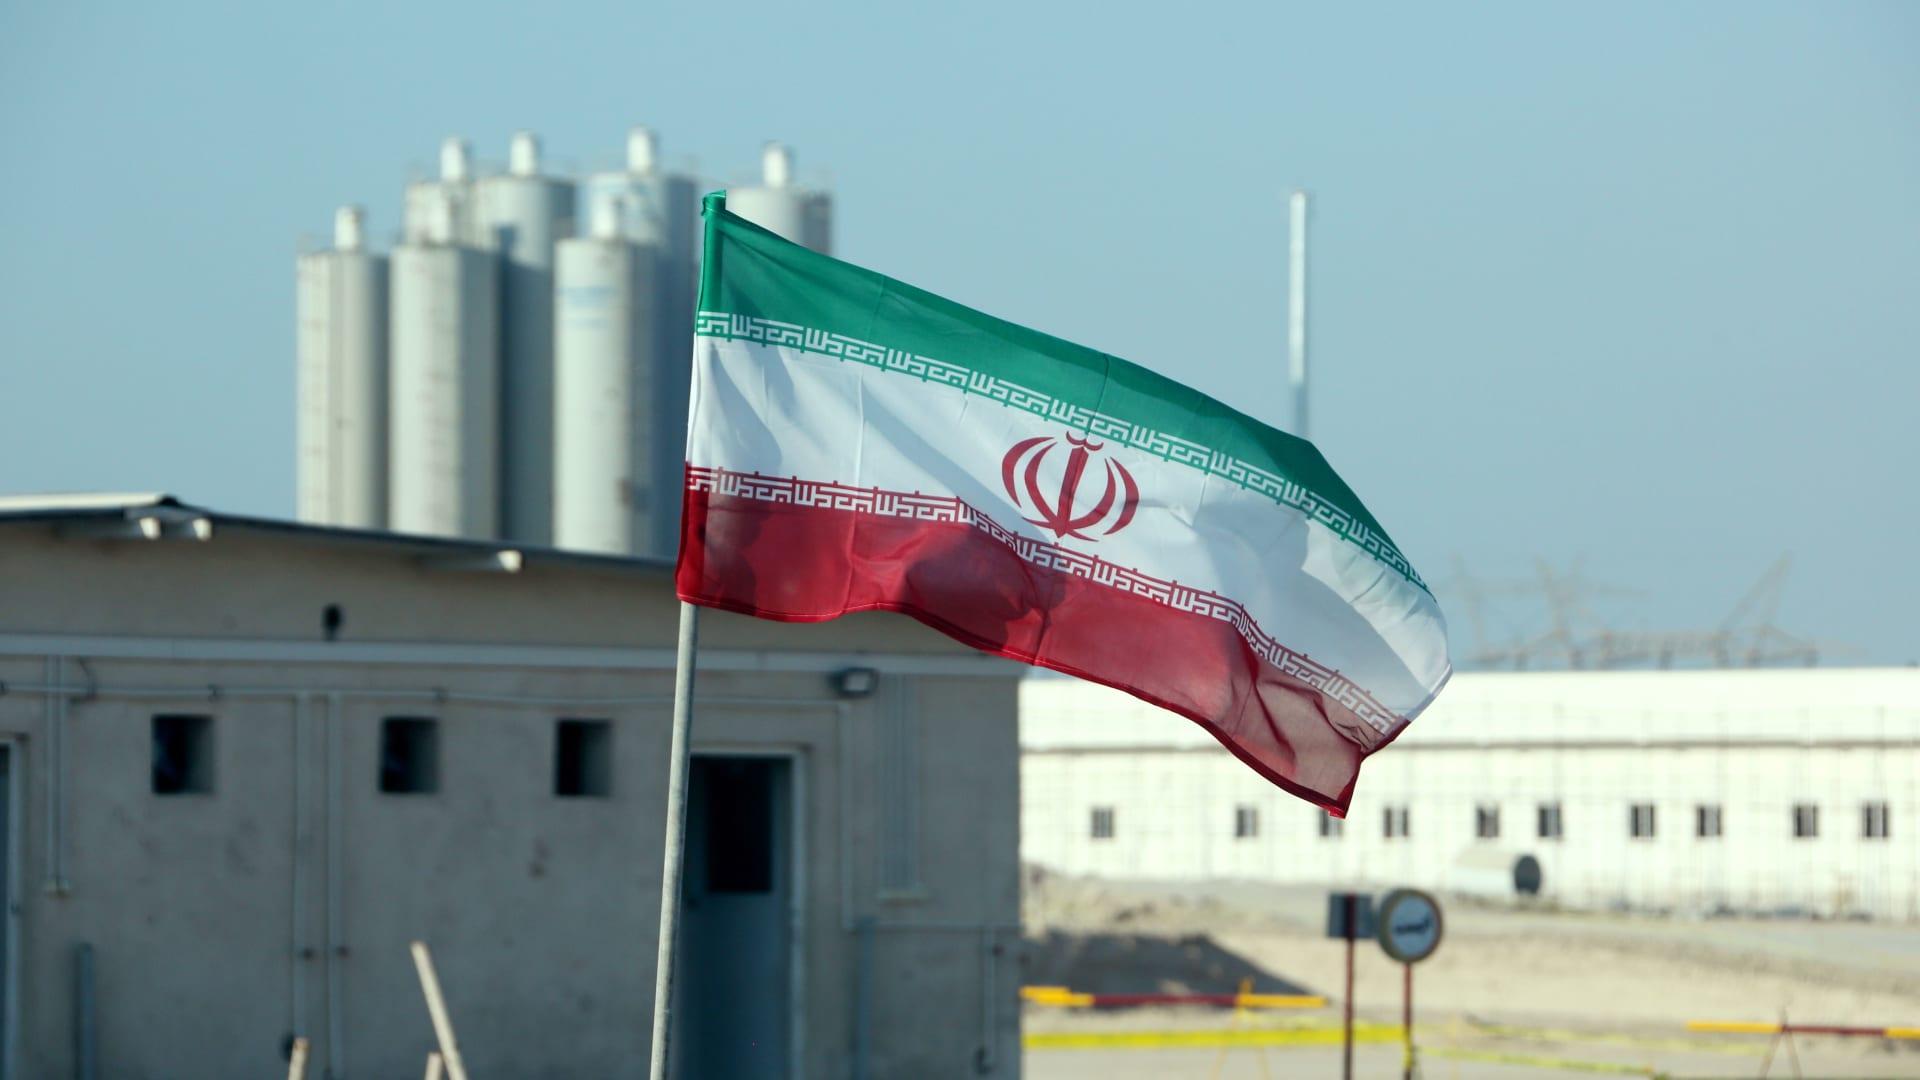 اغتيال عالم نووي إيراني بارز خارج طهران.. كل ما قد تود أن تعرفه حتى اللحظة